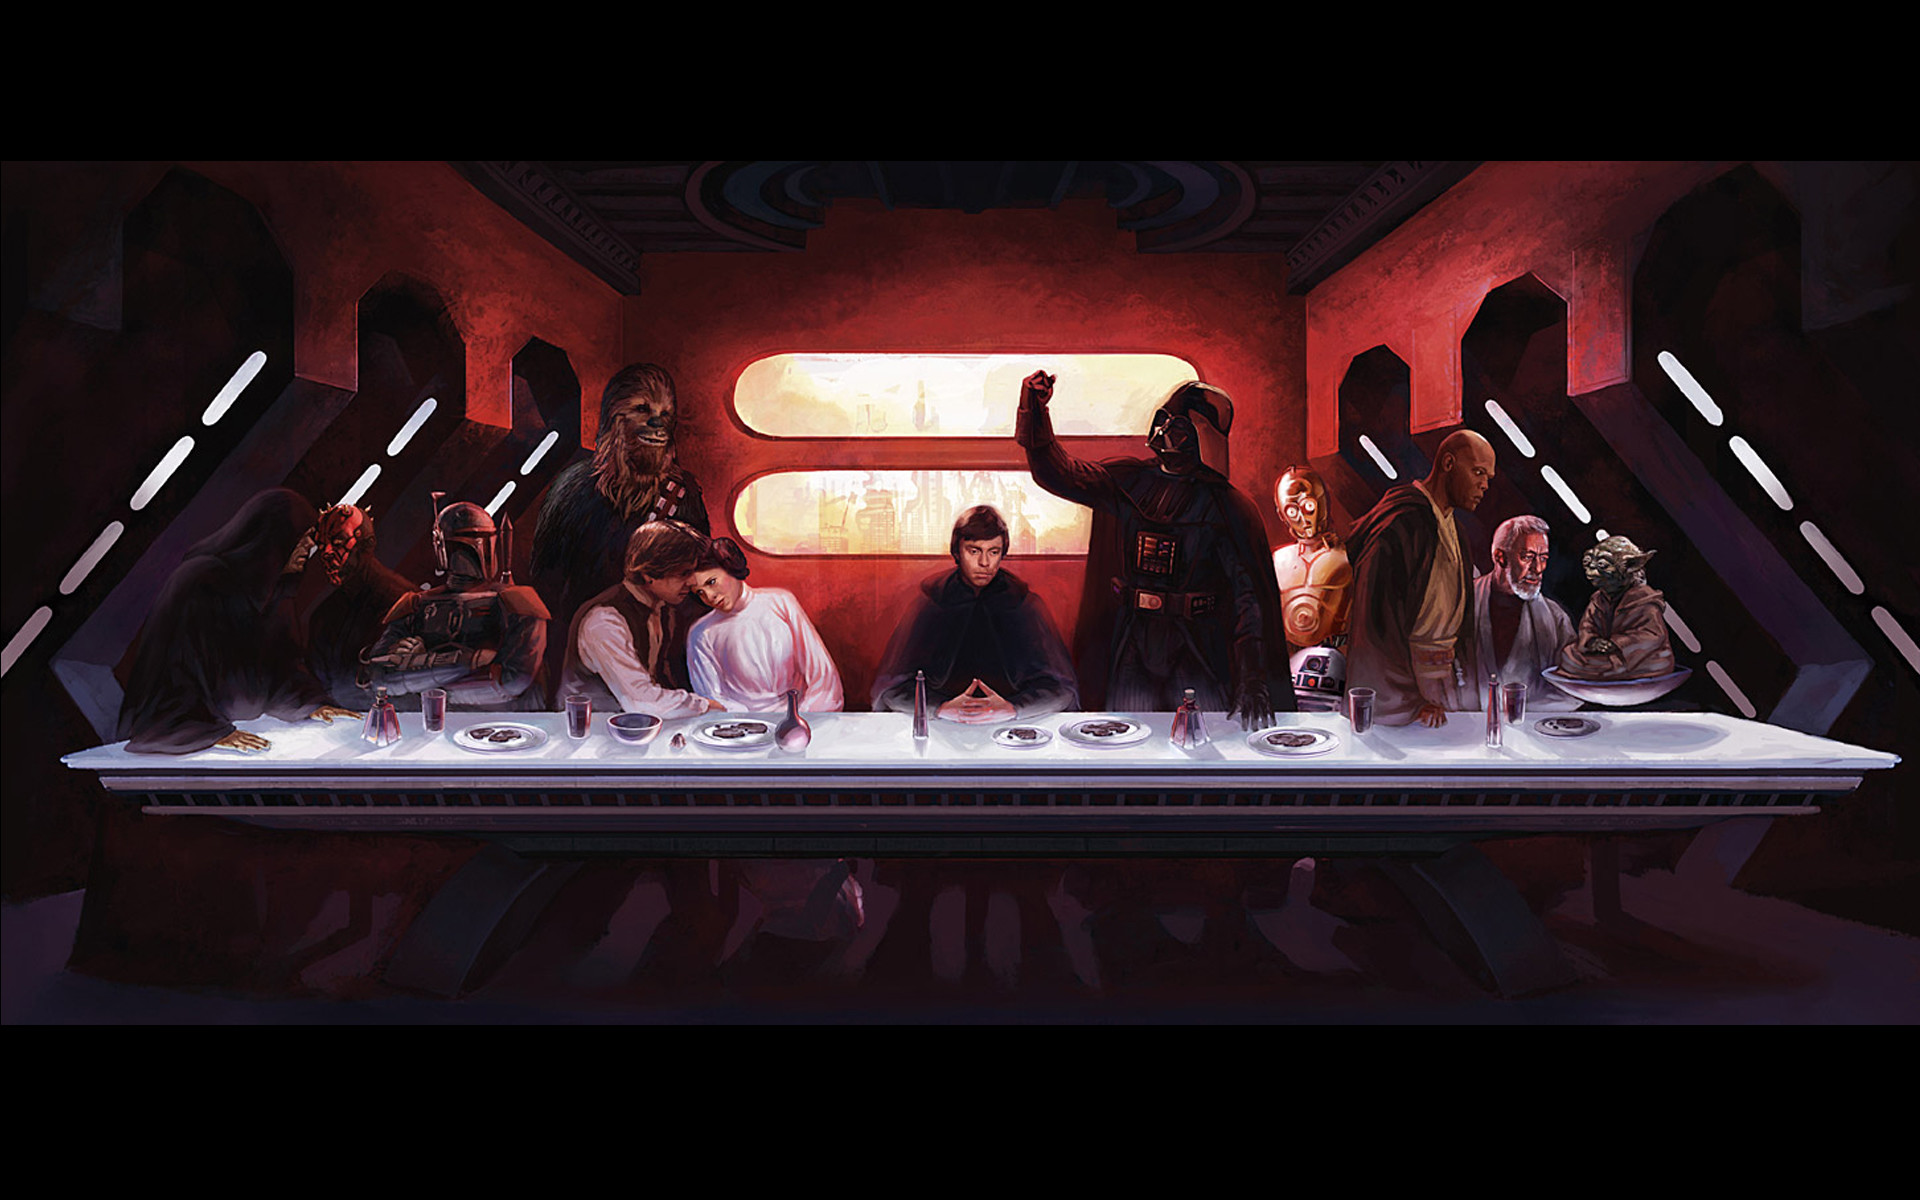 Star wars c3po darth maul darth vader boba fett luke skywalker han solo  chewbacca leia organa